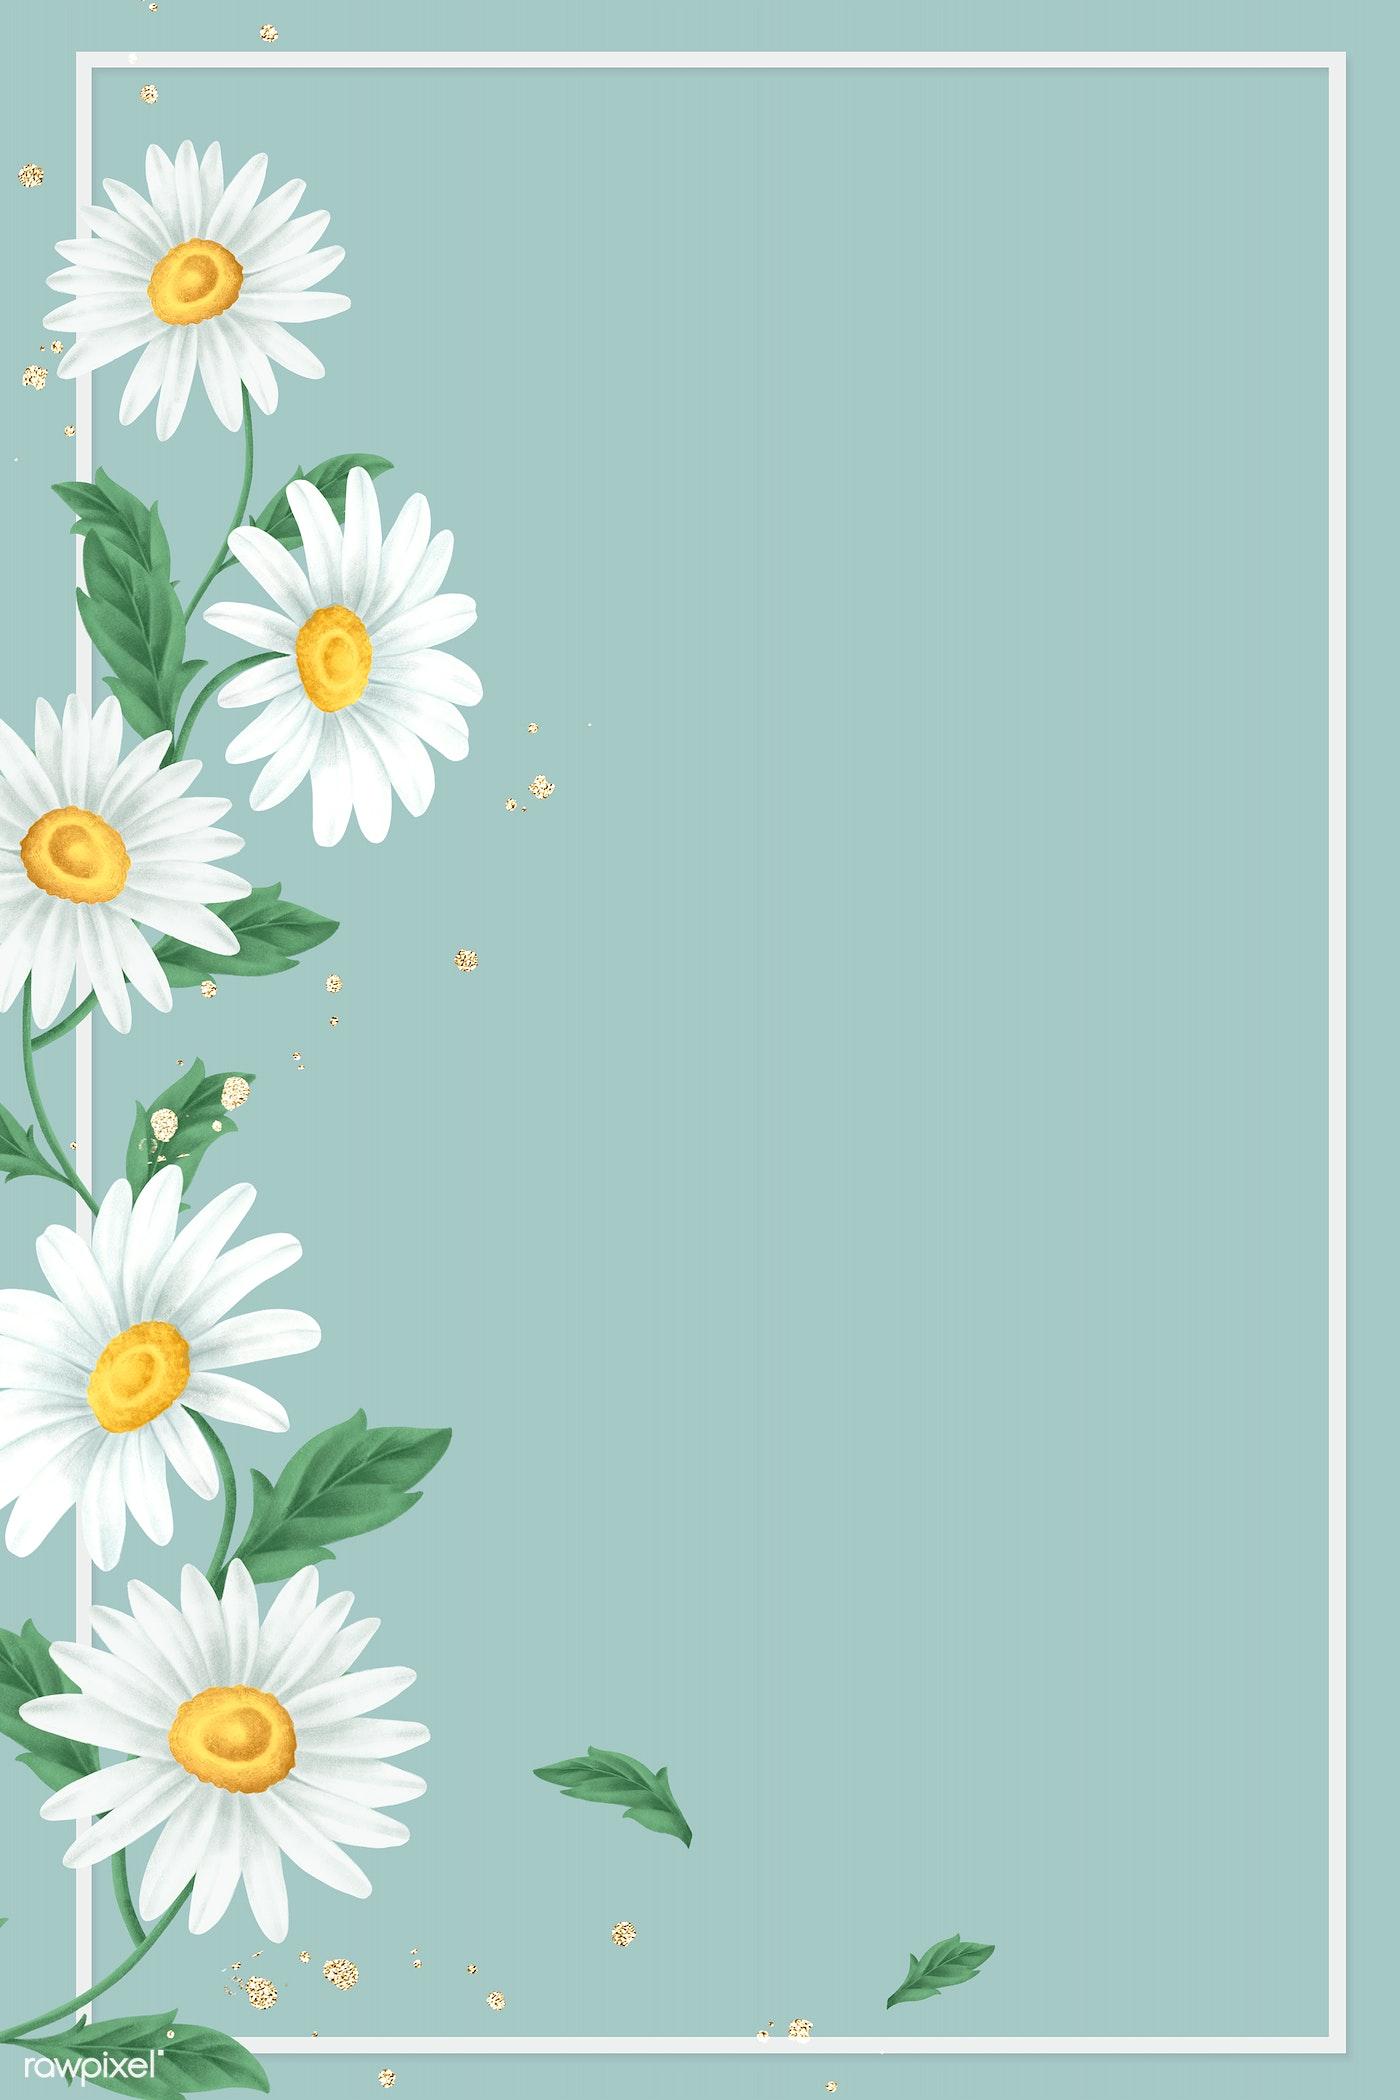 Blank Floral Frame Royalty Free Illustration 2091345